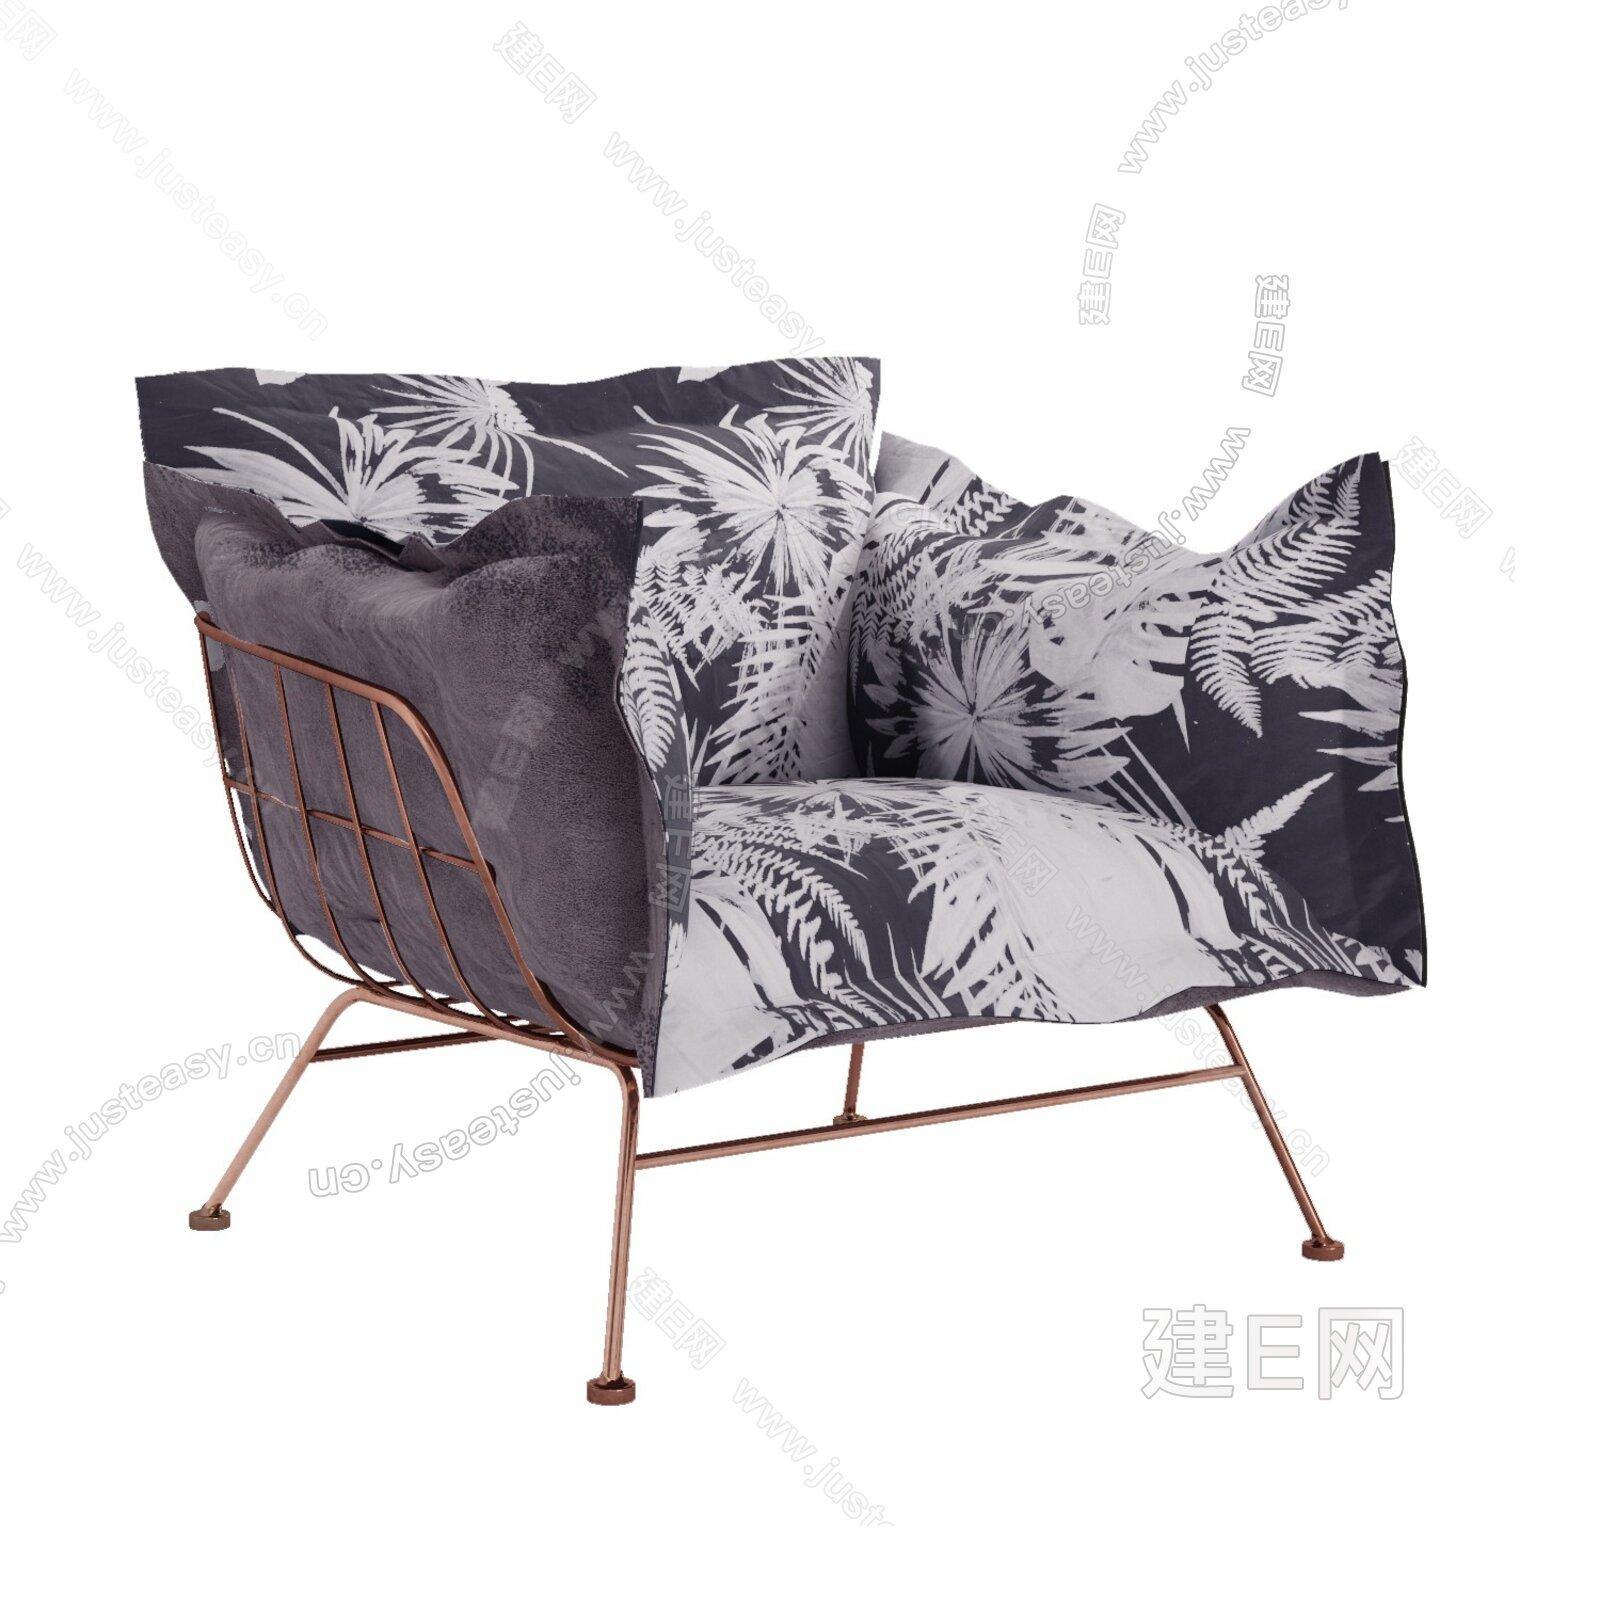 顾全 北欧休闲沙发3d模型